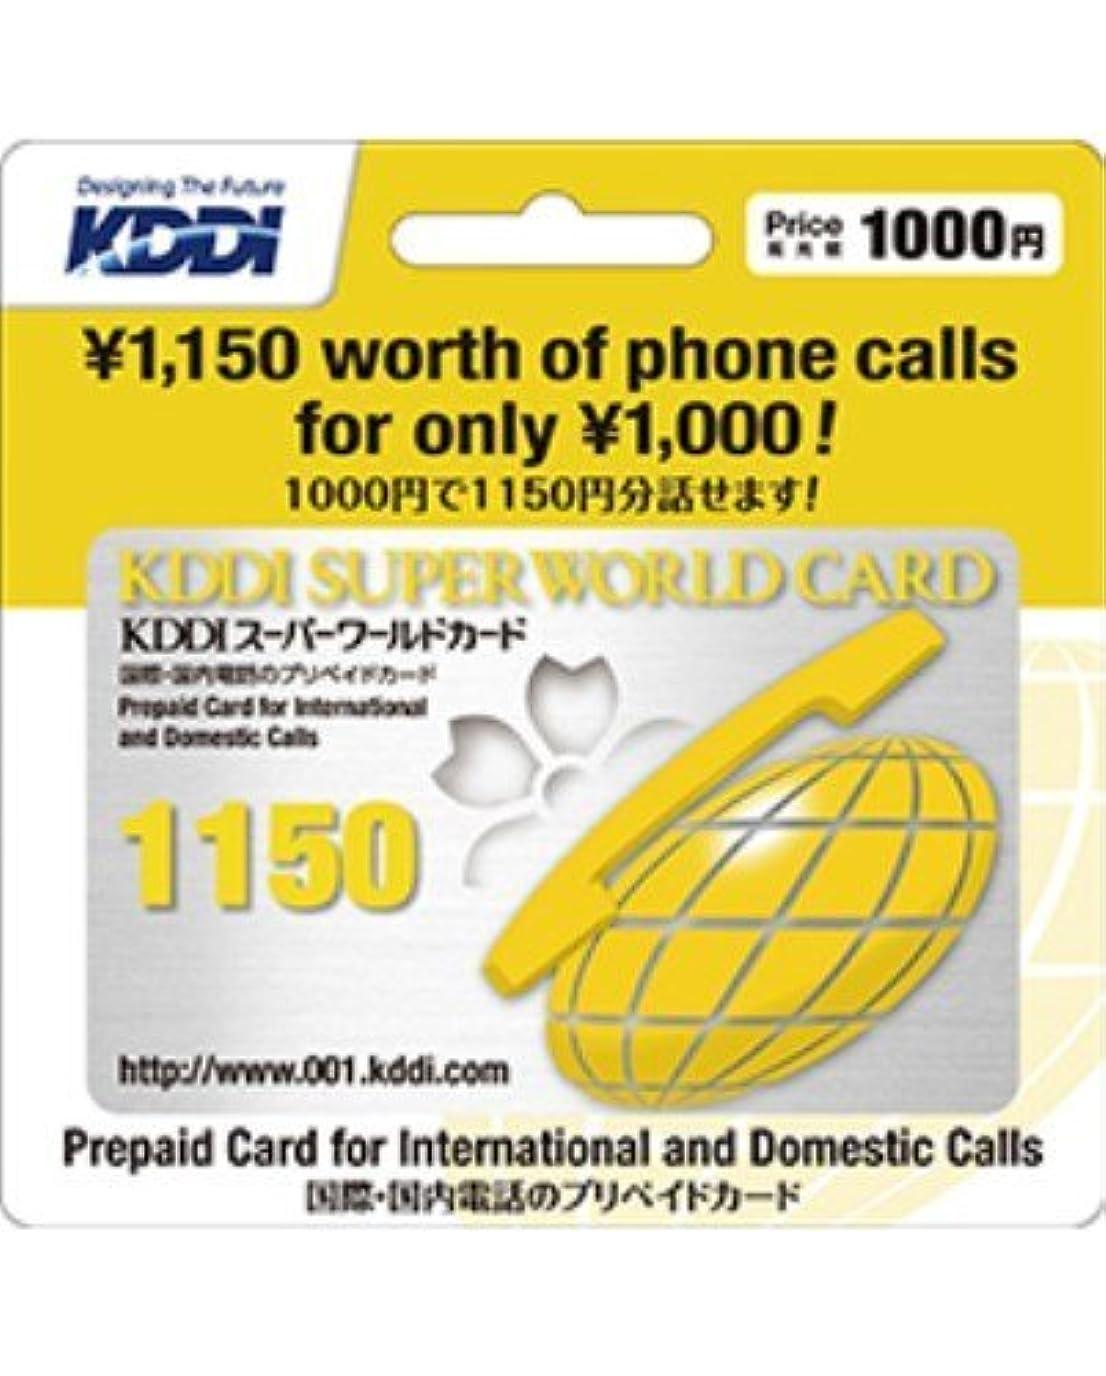 を除く接ぎ木バナー国際電話カード KDDIスーパーワールドカード 1150円券